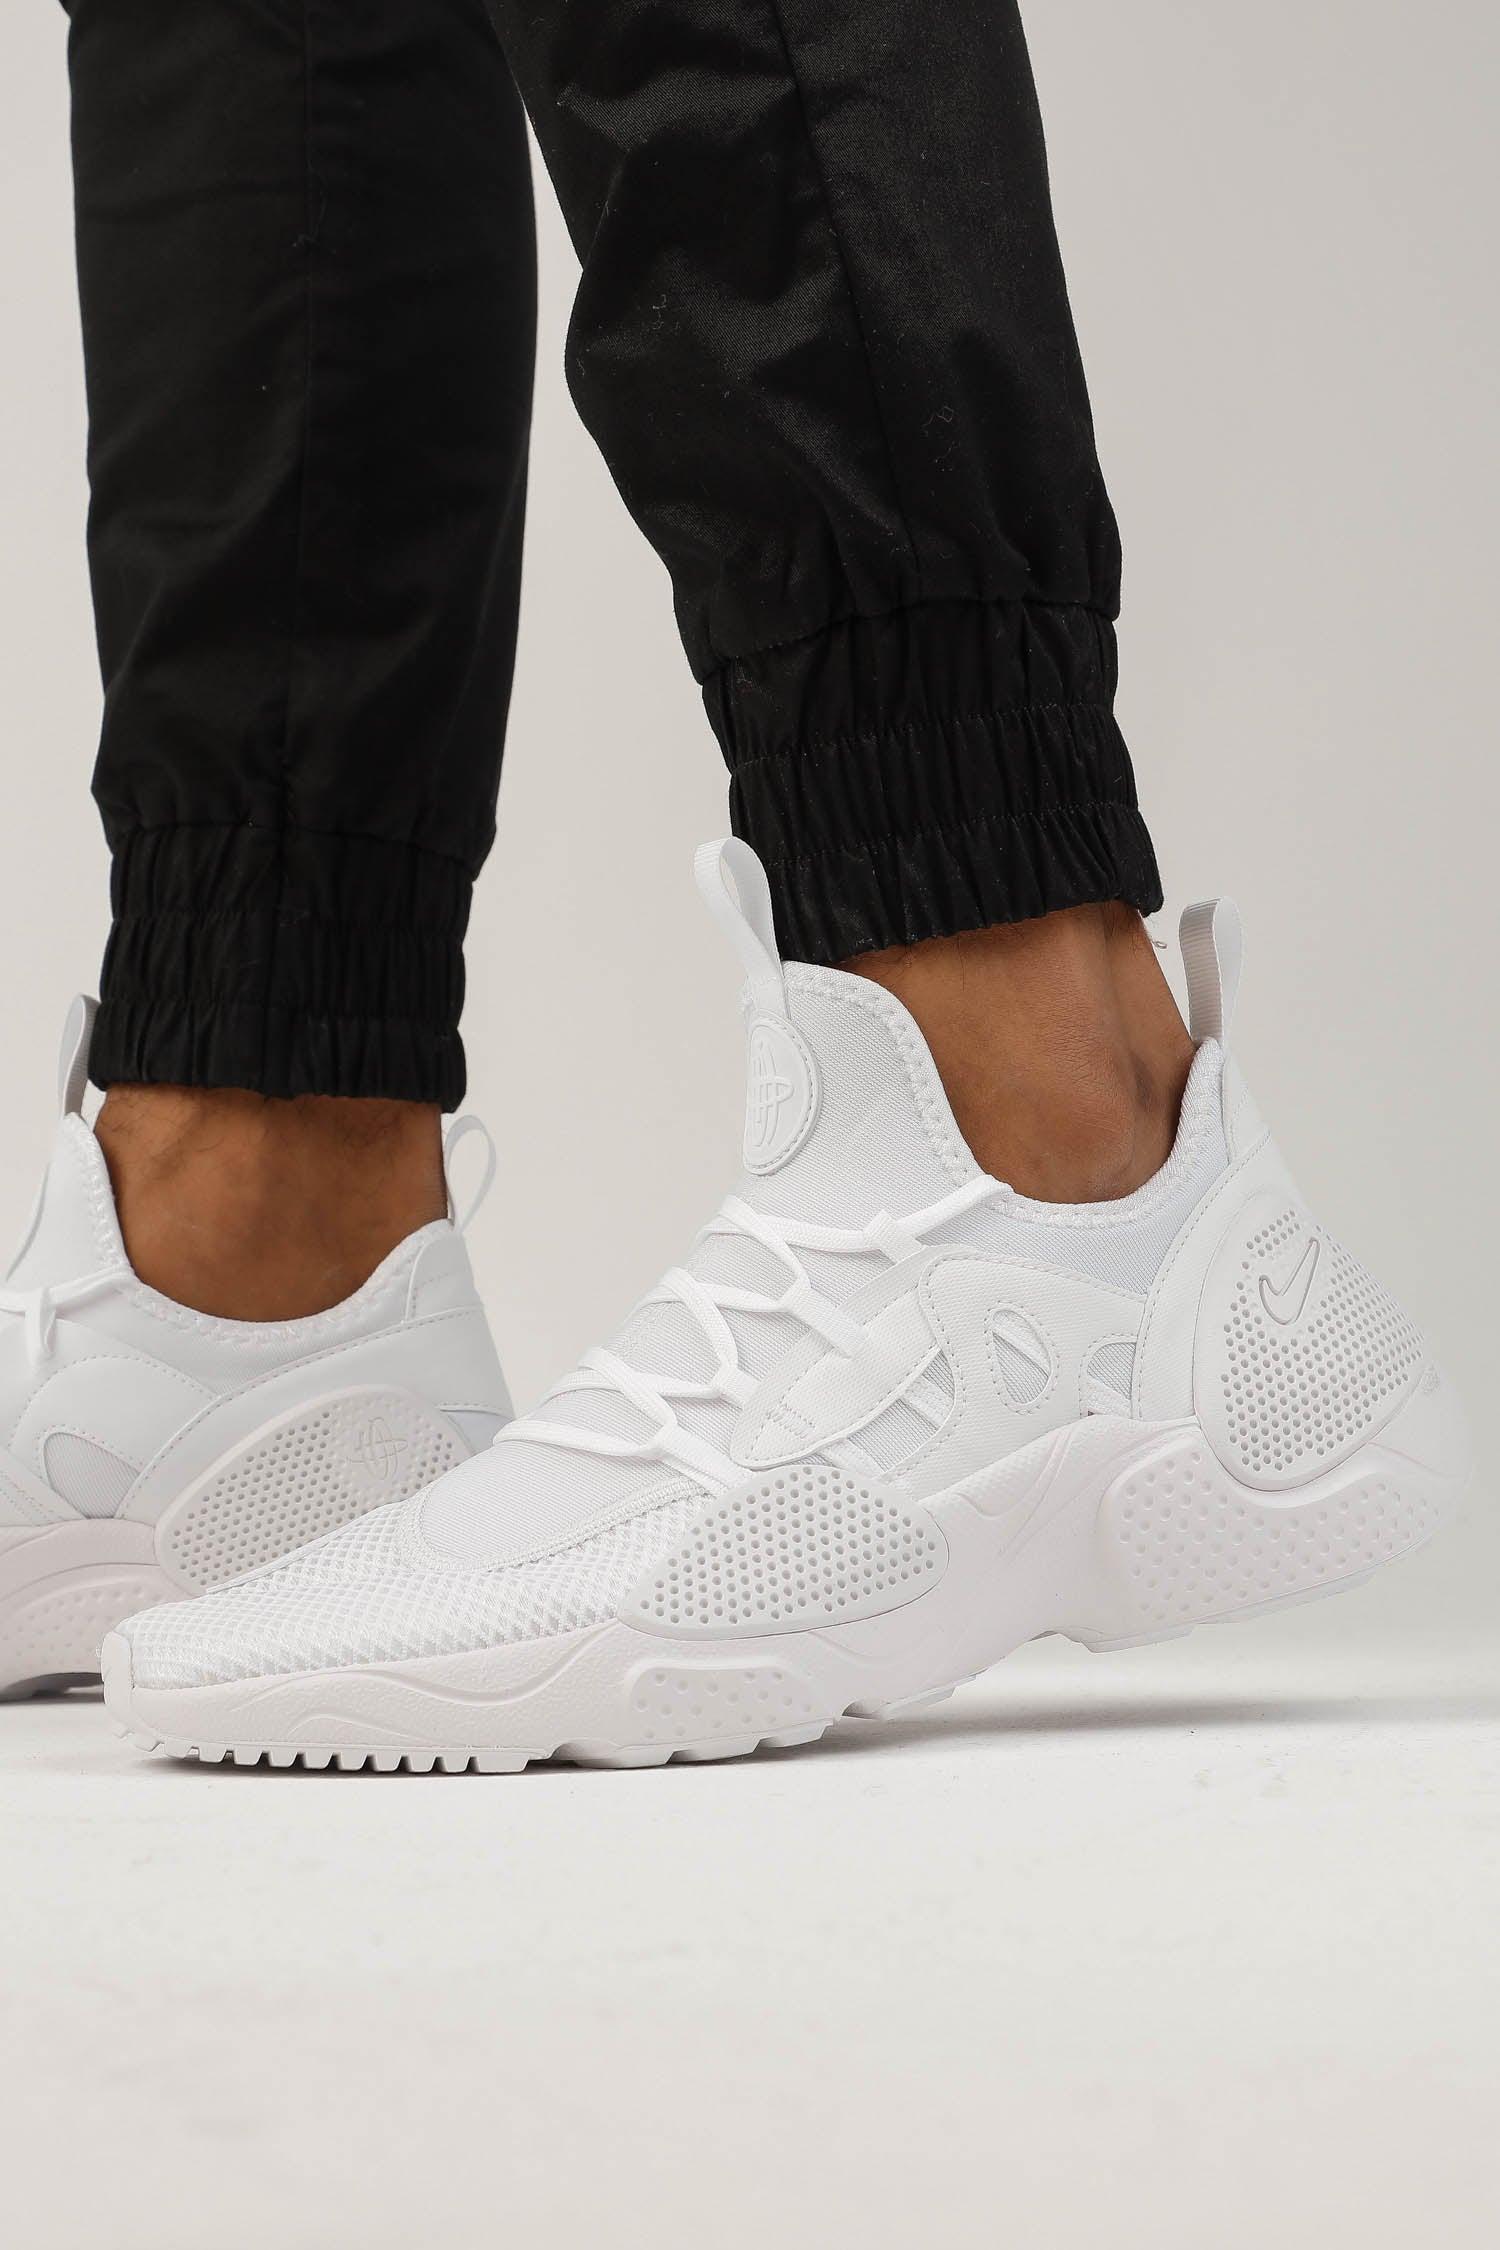 Nike Huarache E.D.G.E Txt WhiteWhite